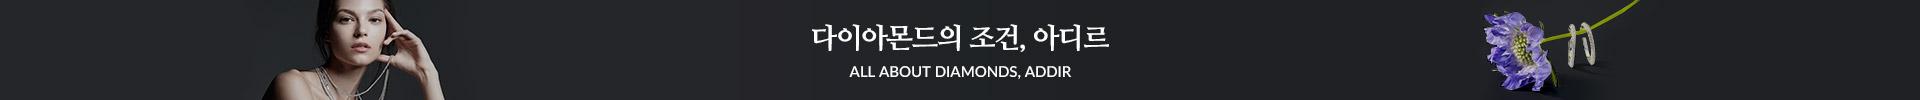 방송중_ 다이아몬드의 조건, 아디르